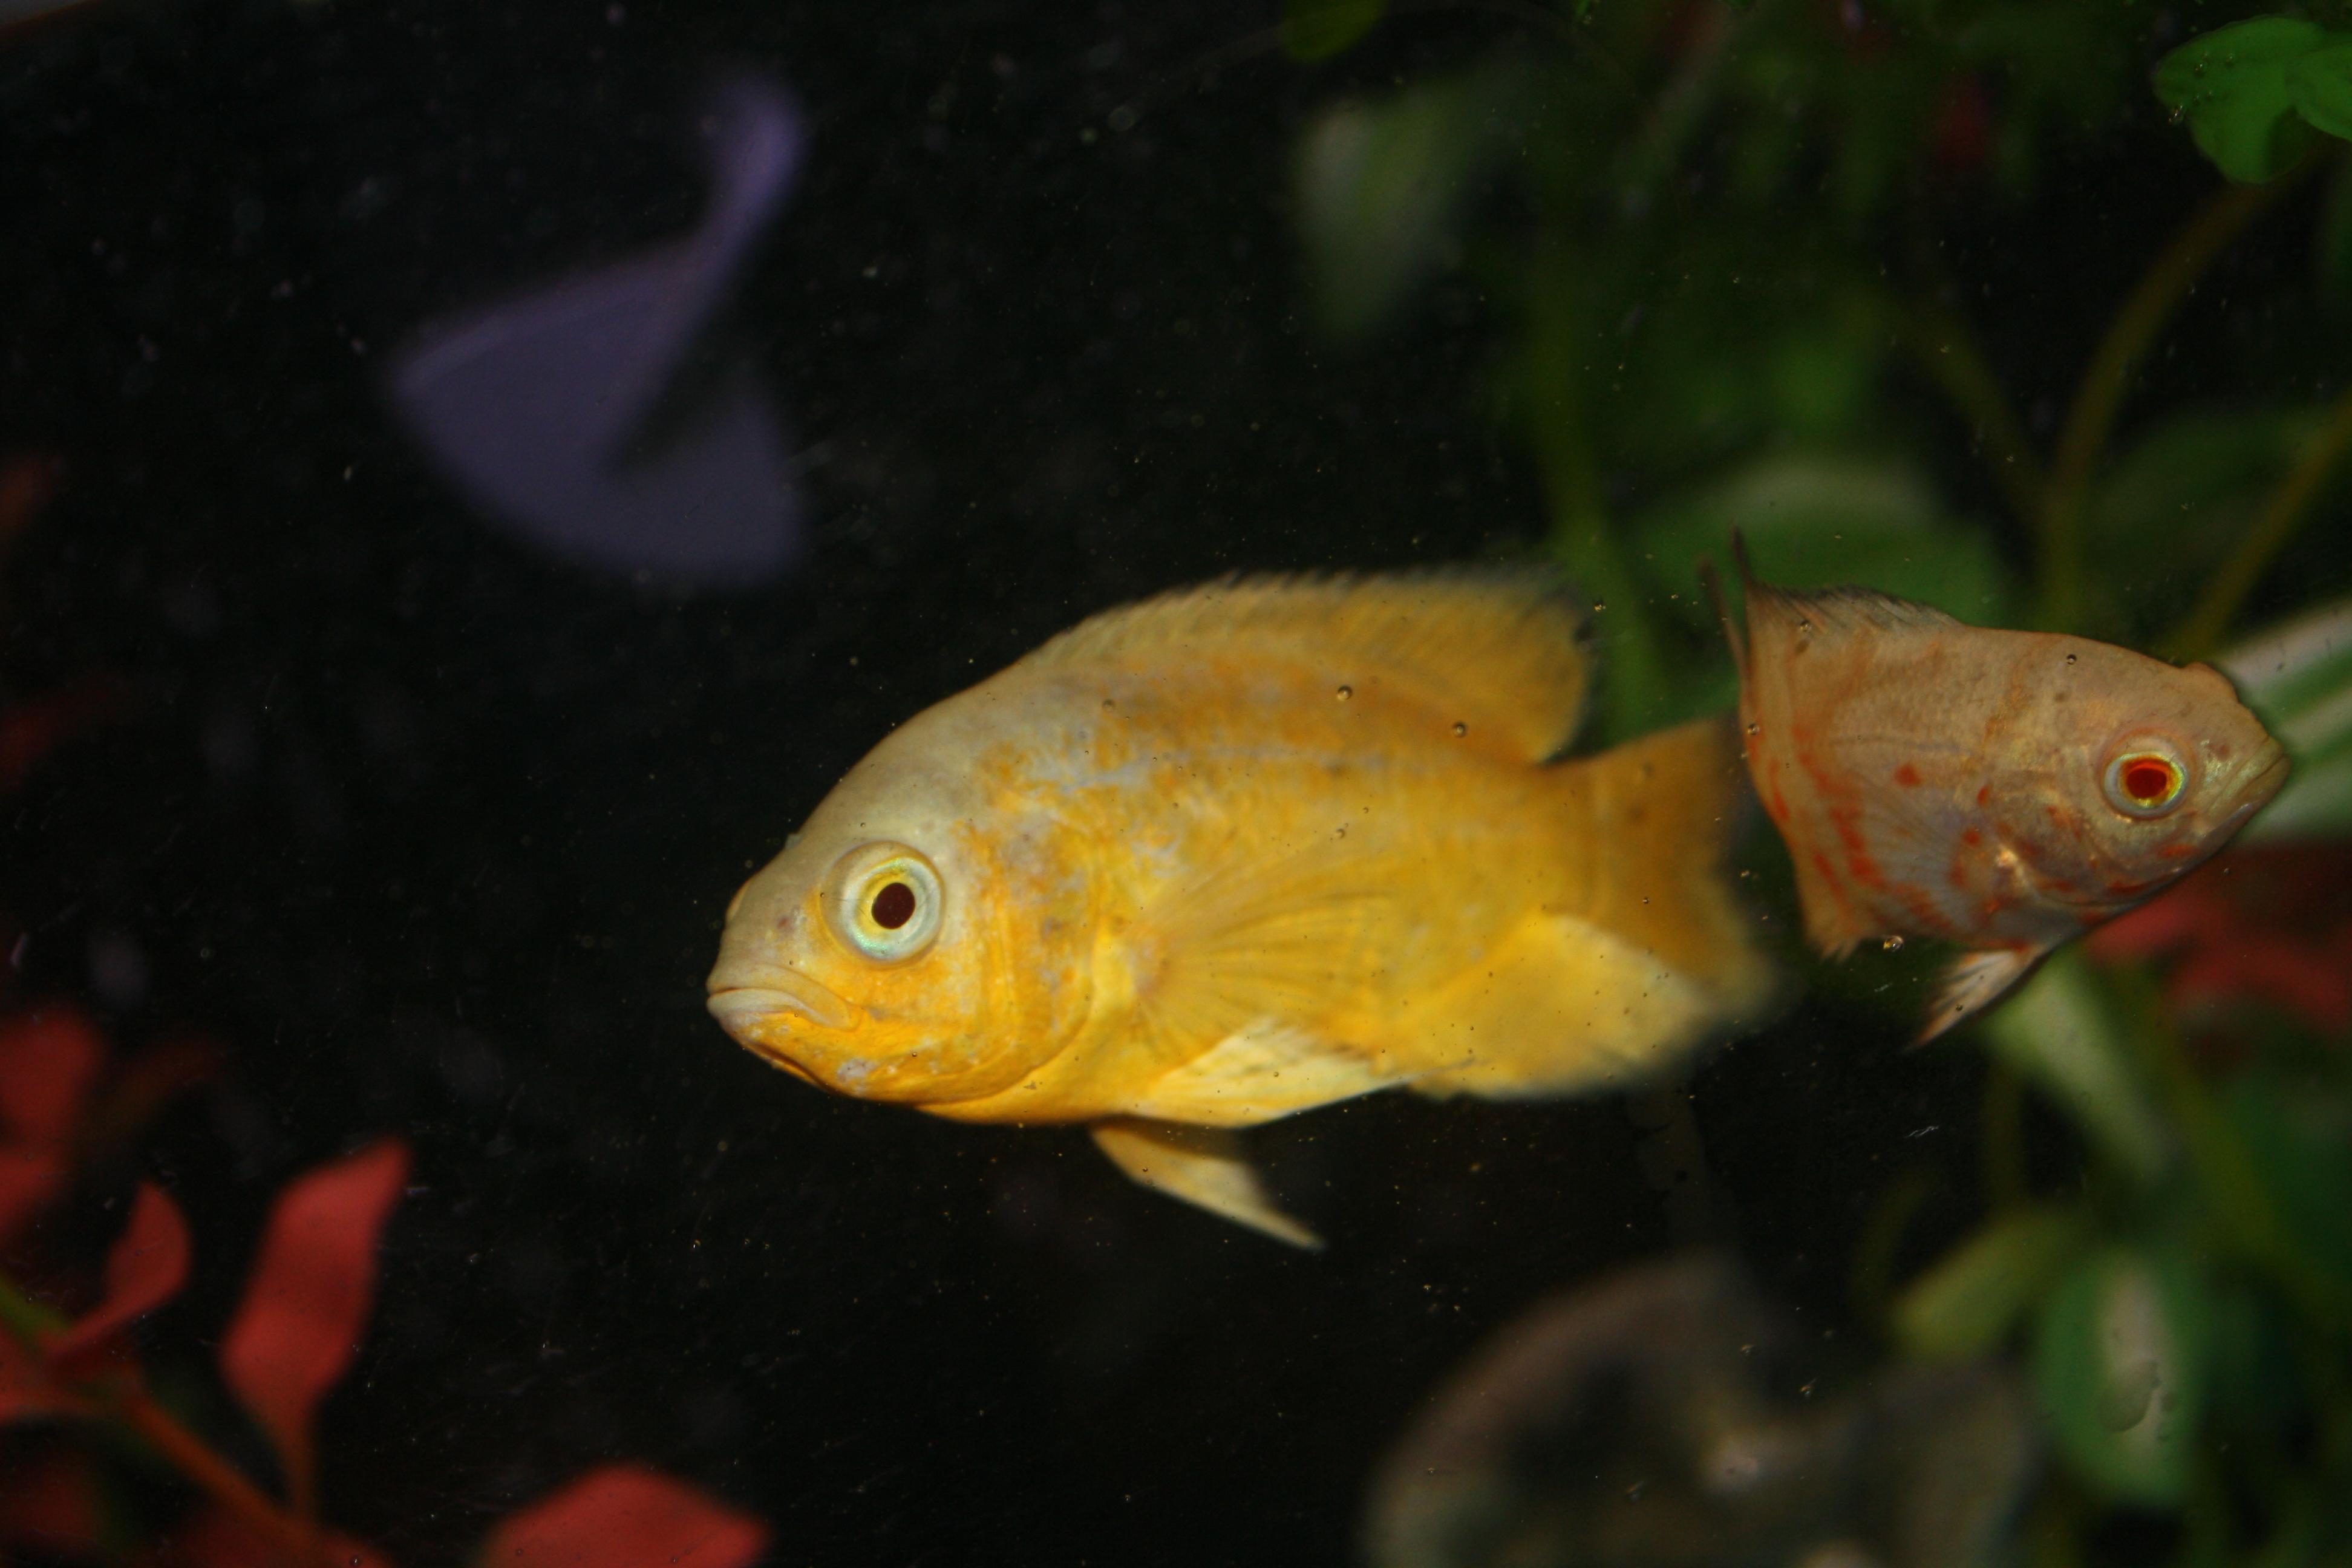 lemon oscar fish - photo #8